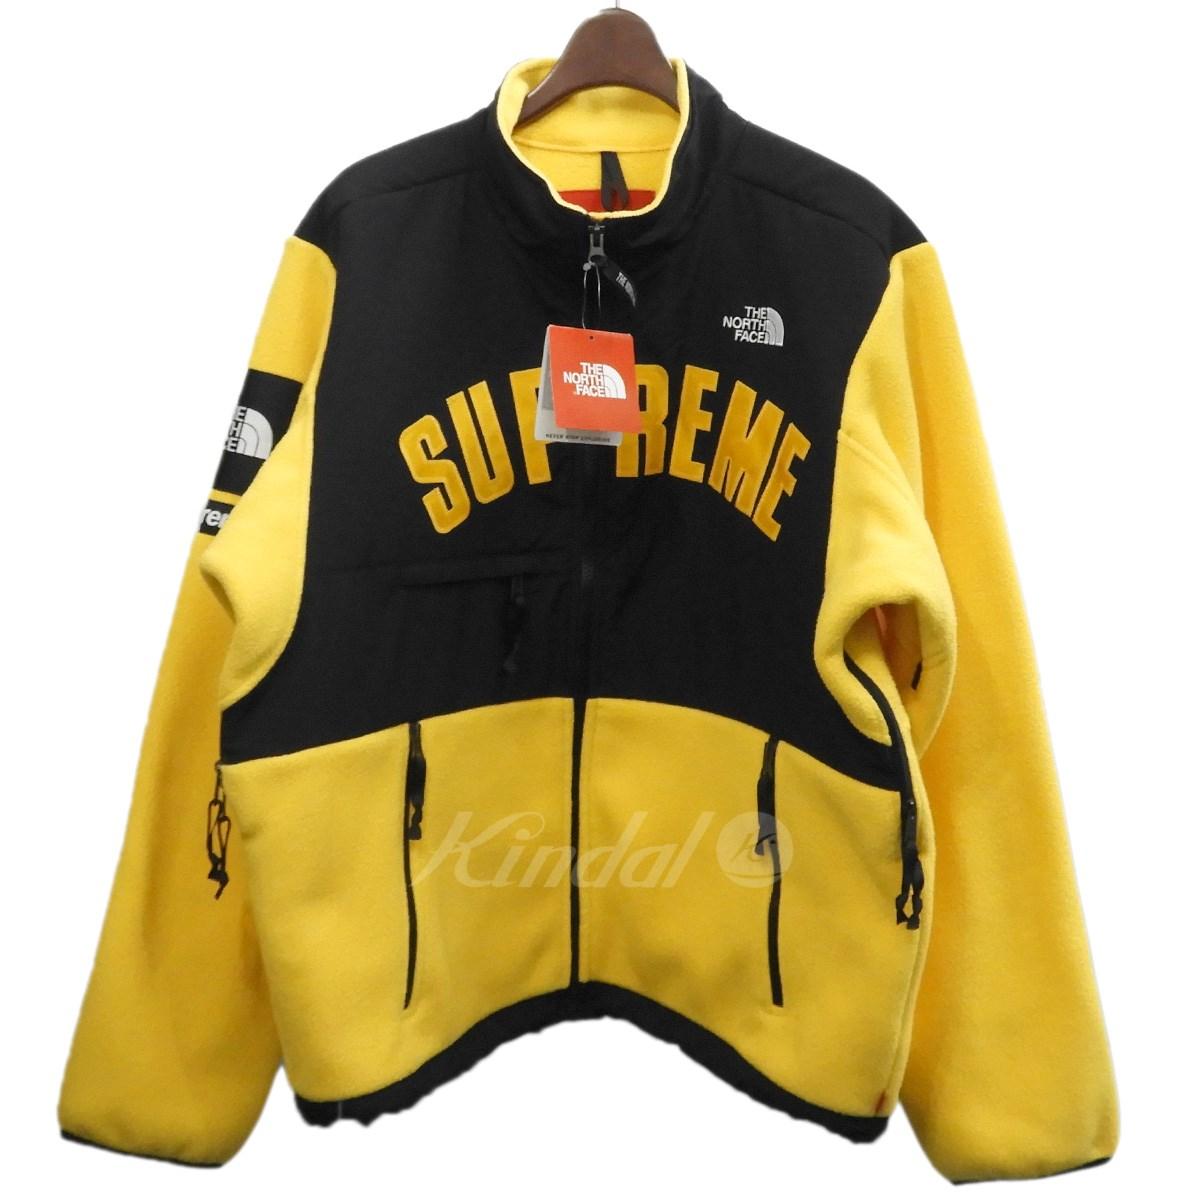 【中古】Supreme×THE NORTH FACE 19SS「Arc Logo Denali Fleece Jacket」アーチロゴフリースジャケット イエロー サイズ:L 【050519】(シュプリーム ノースフェイス)